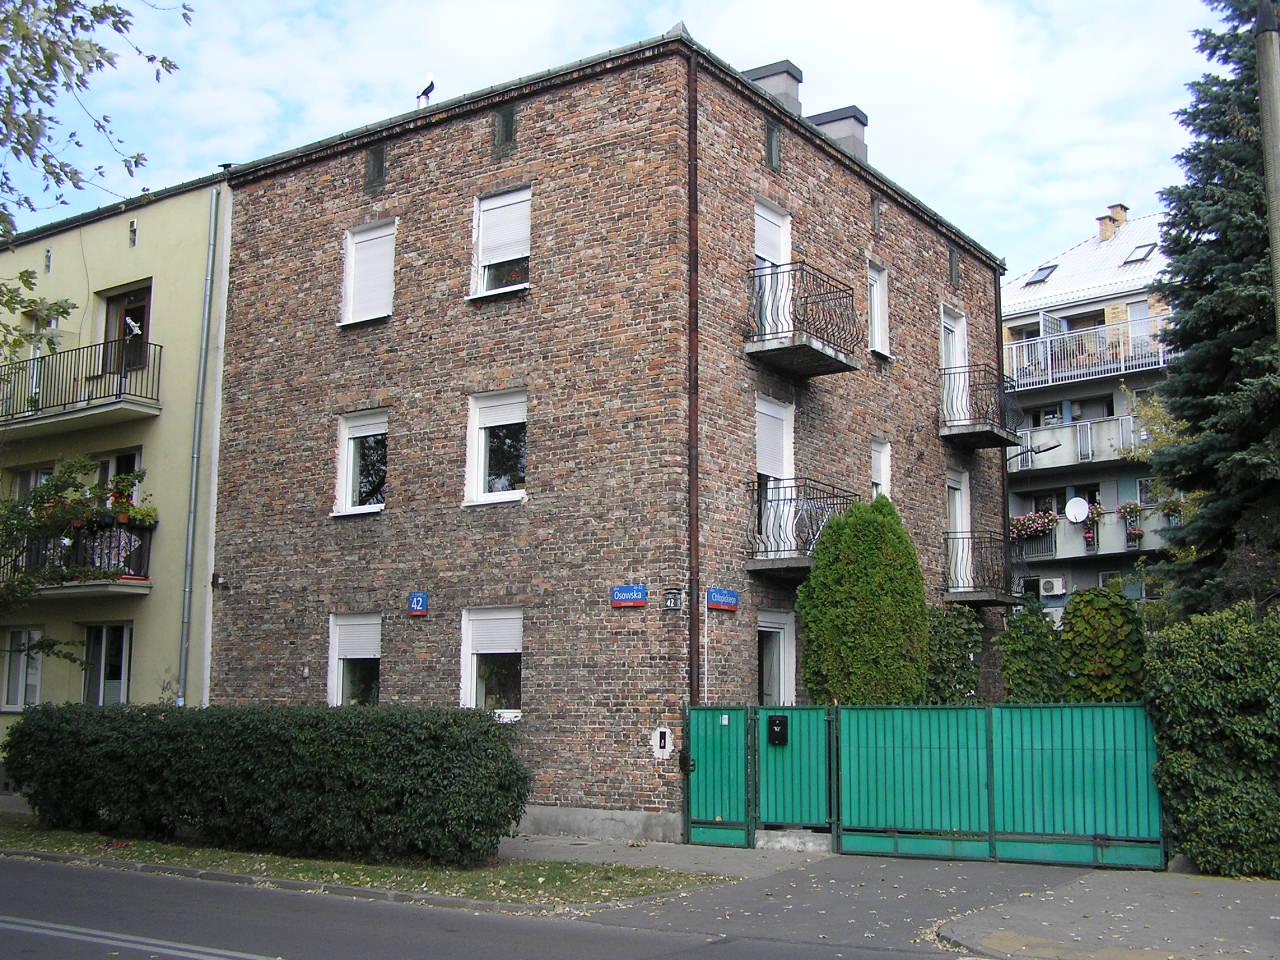 Budynek przy ulicy Osowskiej 42 na Grochowie